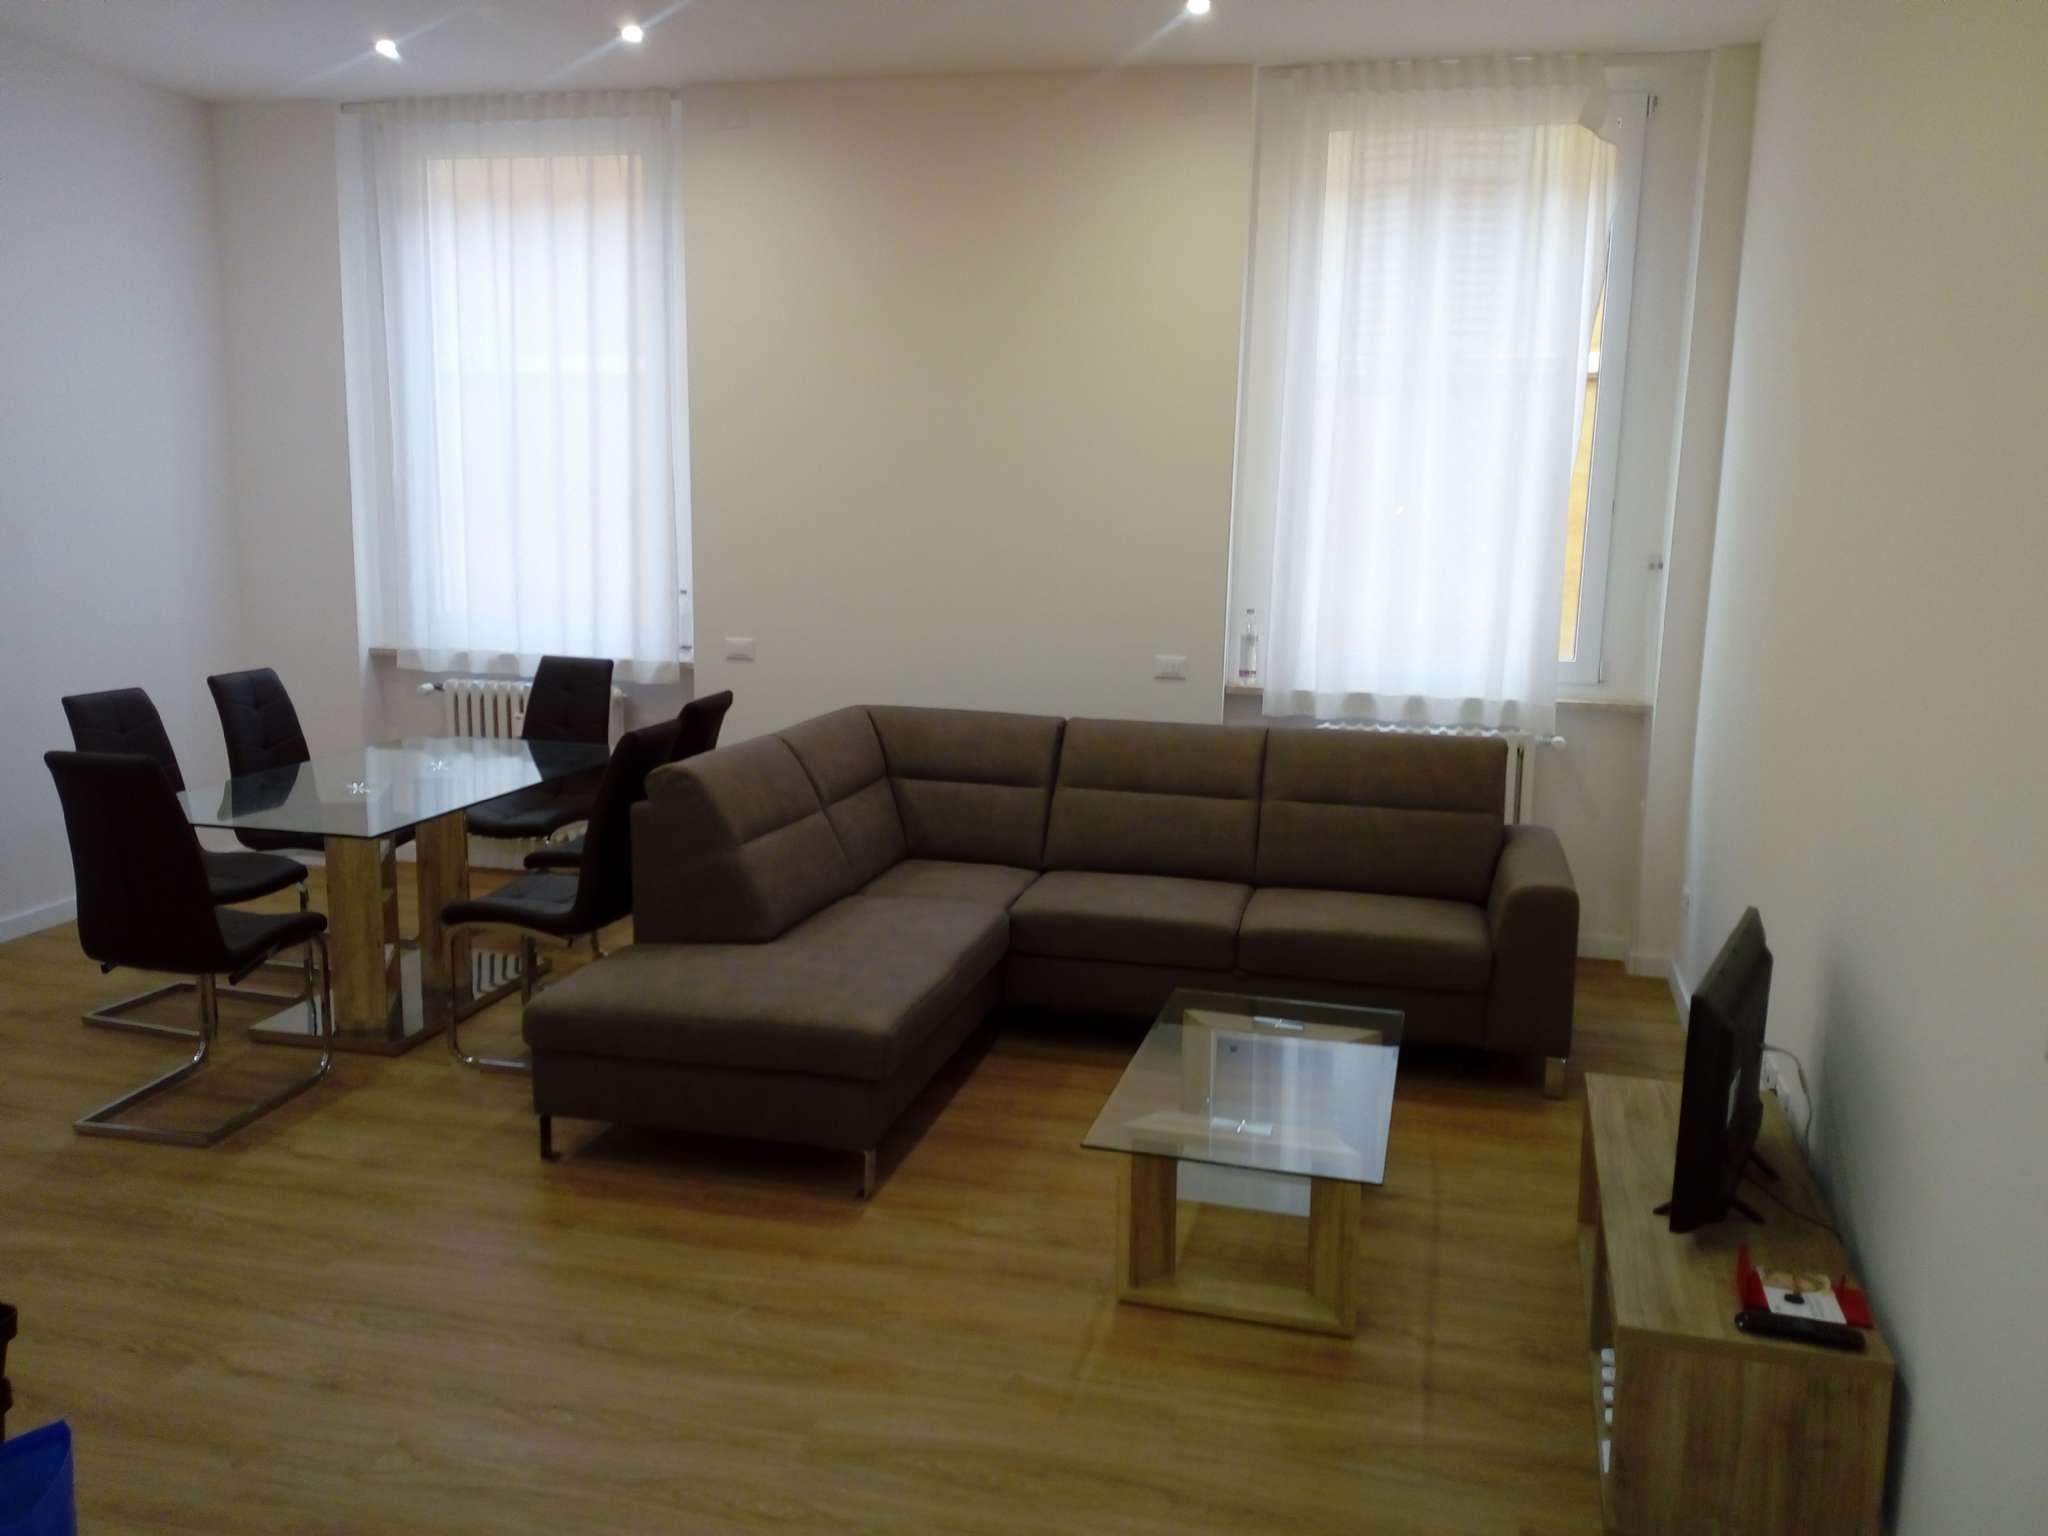 Appartamento in affitto a Modena, 5 locali, prezzo € 1.600 | CambioCasa.it